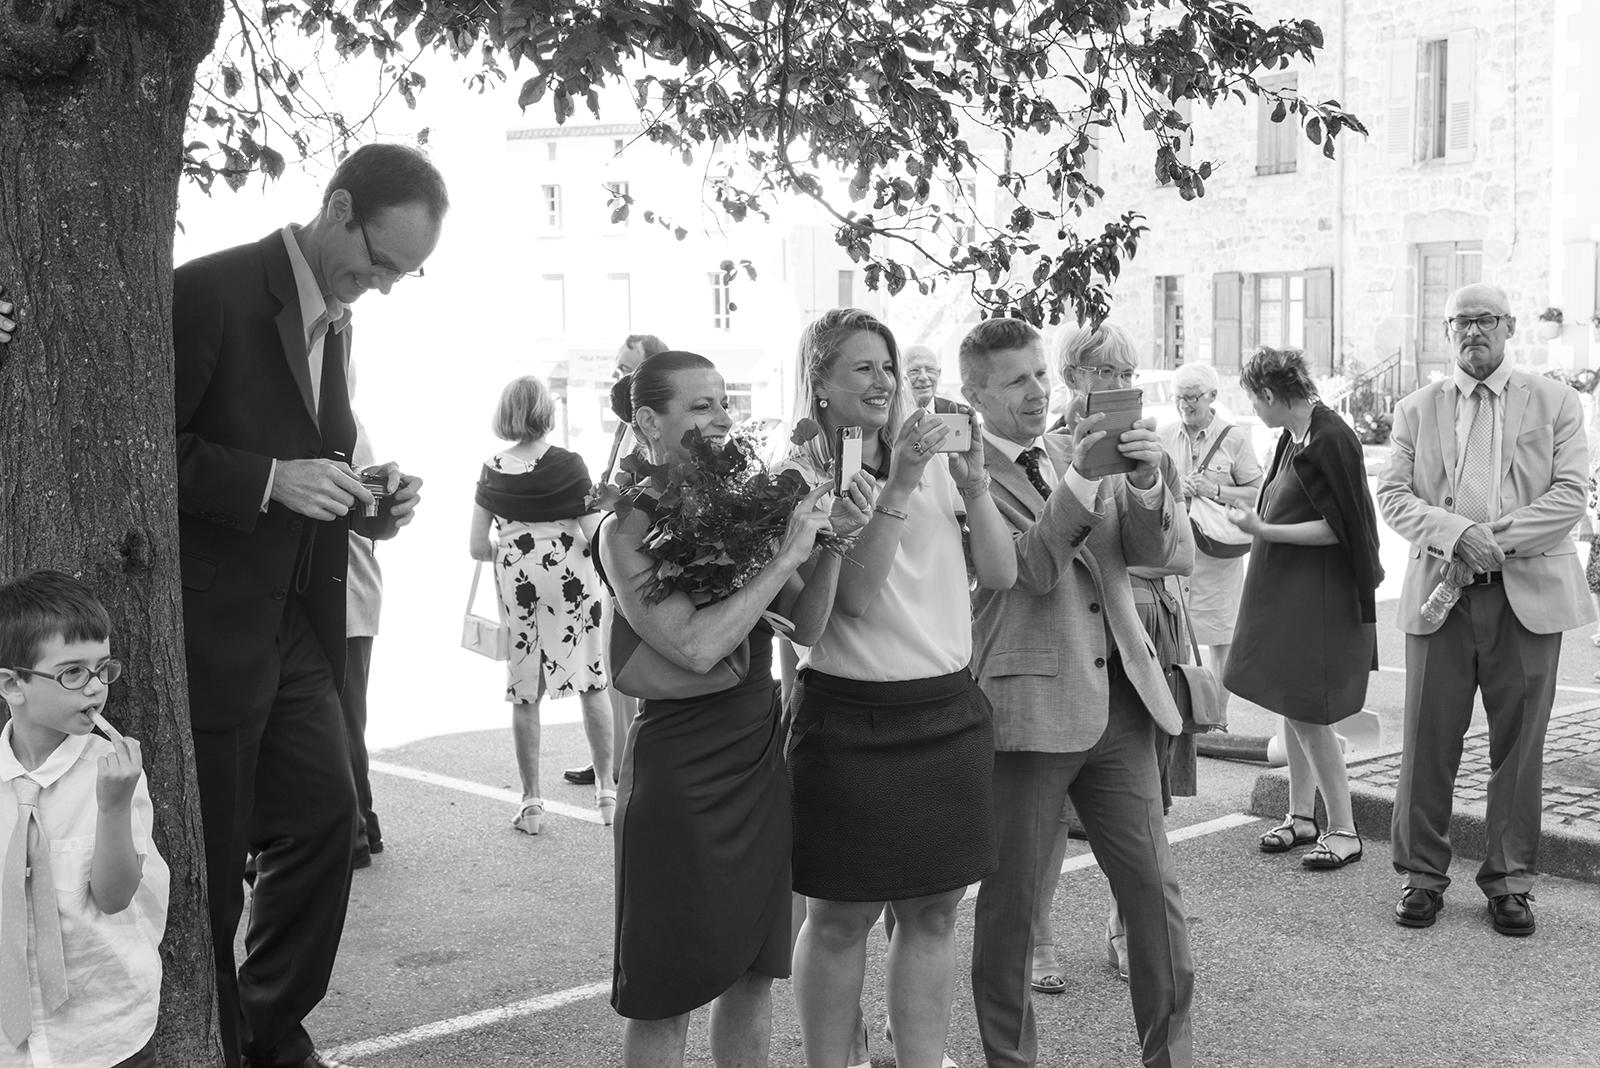 invités mariage noir et blanc qui photographient les mariés